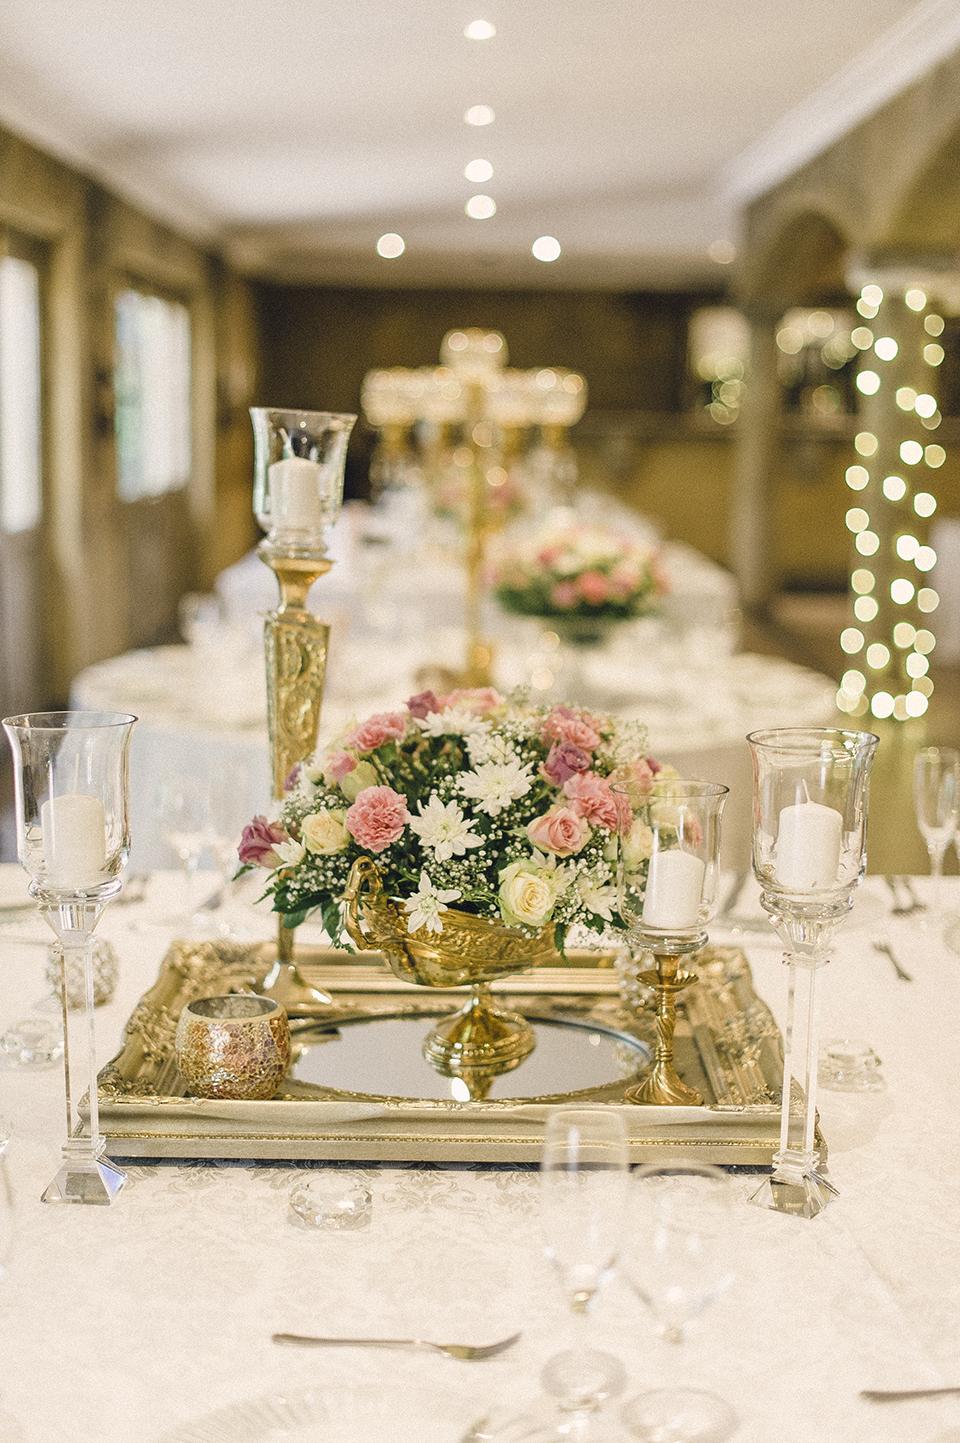 RyanParker_WeddingPhotographer_FineArt_CapeTown_Johannesburg_Hermanus_Avianto_T&L_DSC_8550.jpg